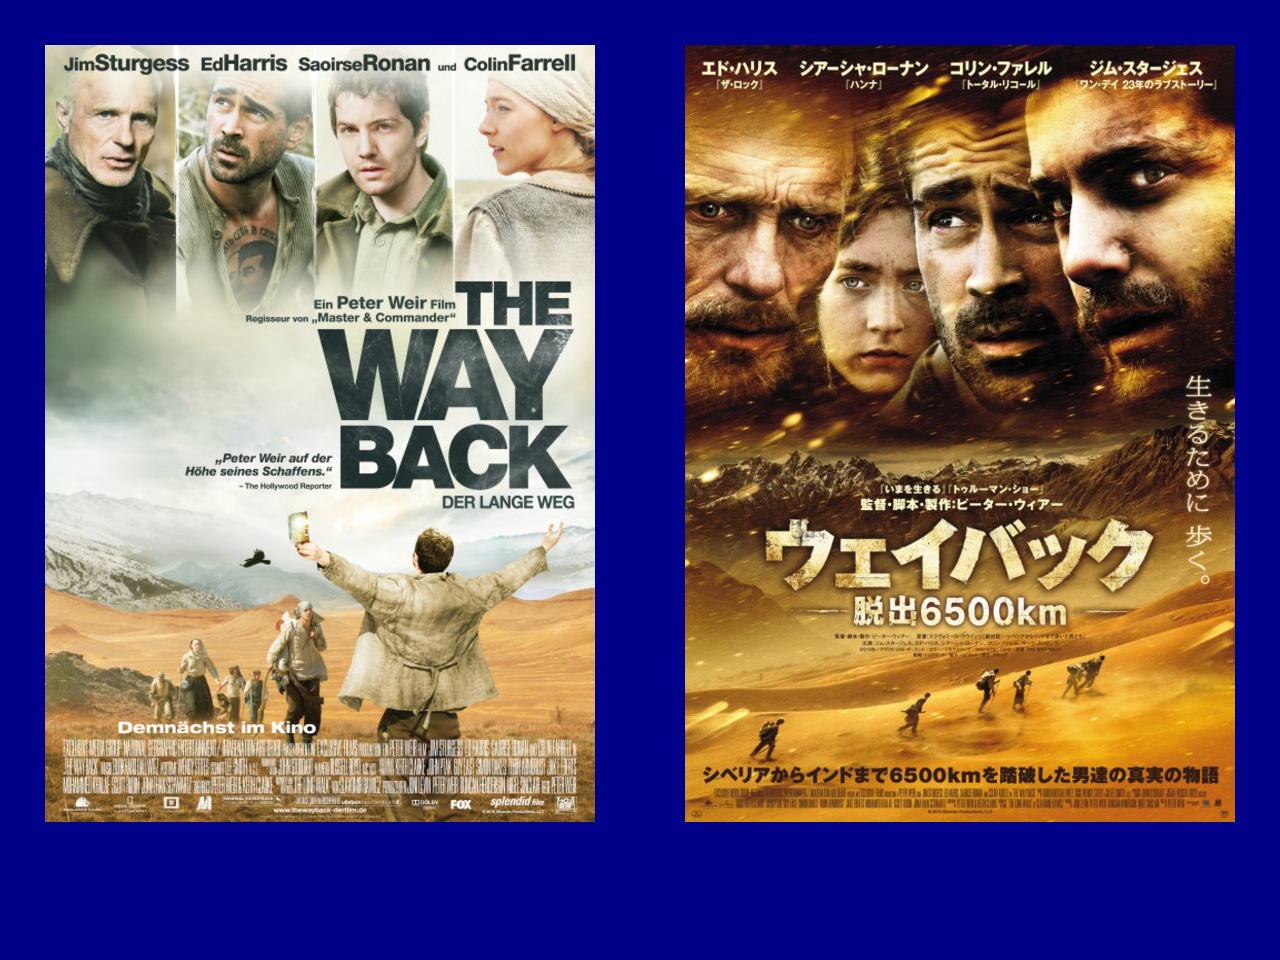 映画『ウェイバック-脱出6500km- THE WAY BACK』ポスター(2) ▼ポスター画像クリックで拡大します。